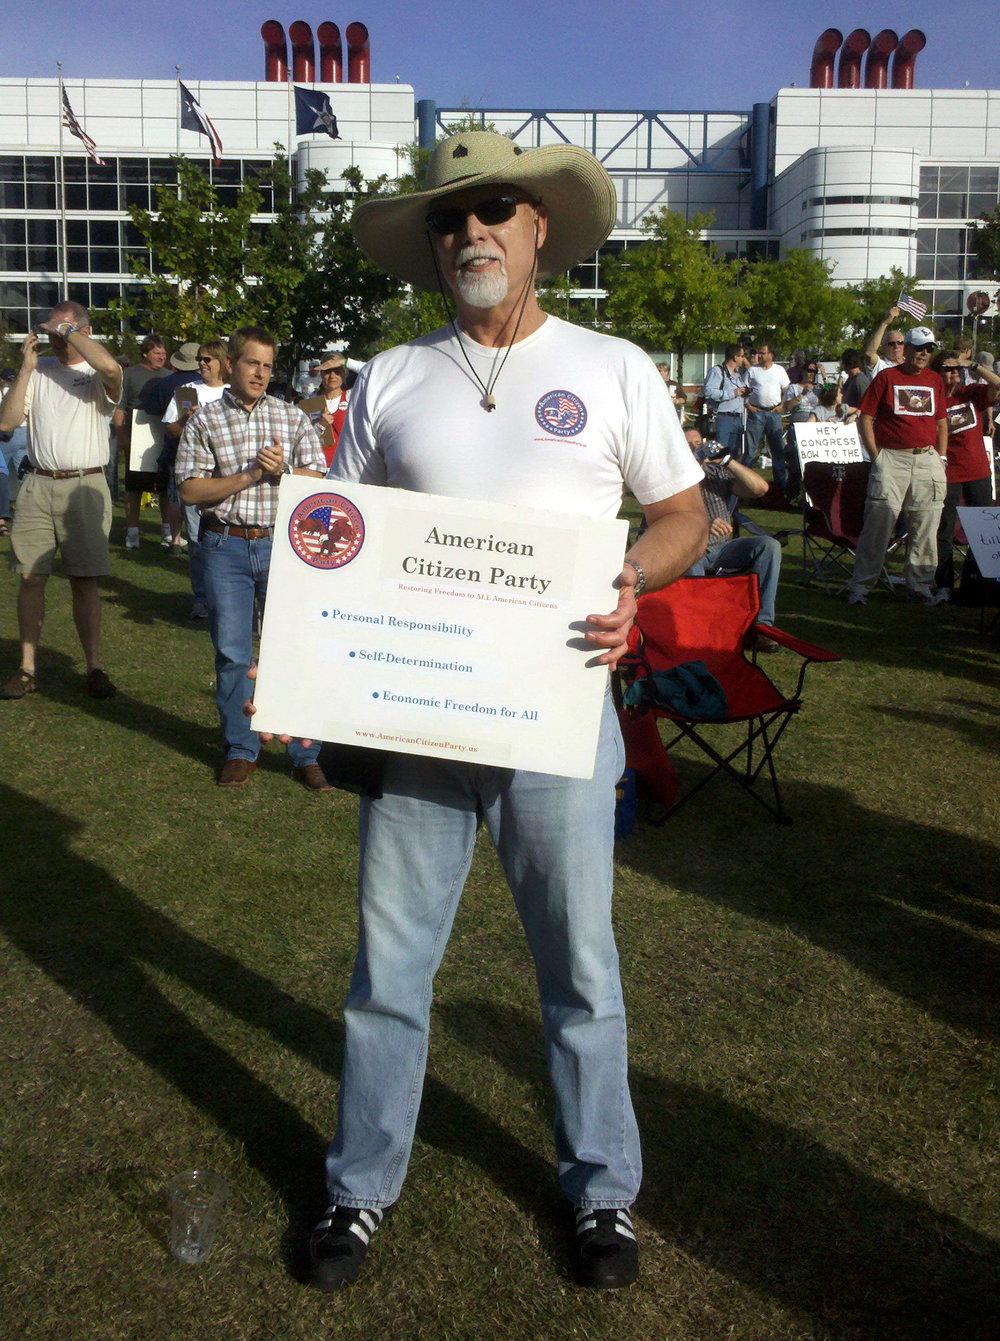 Bob McNeil - 2010 - Age 61 - Tax Day Tea Party Rally - Houston, Texas